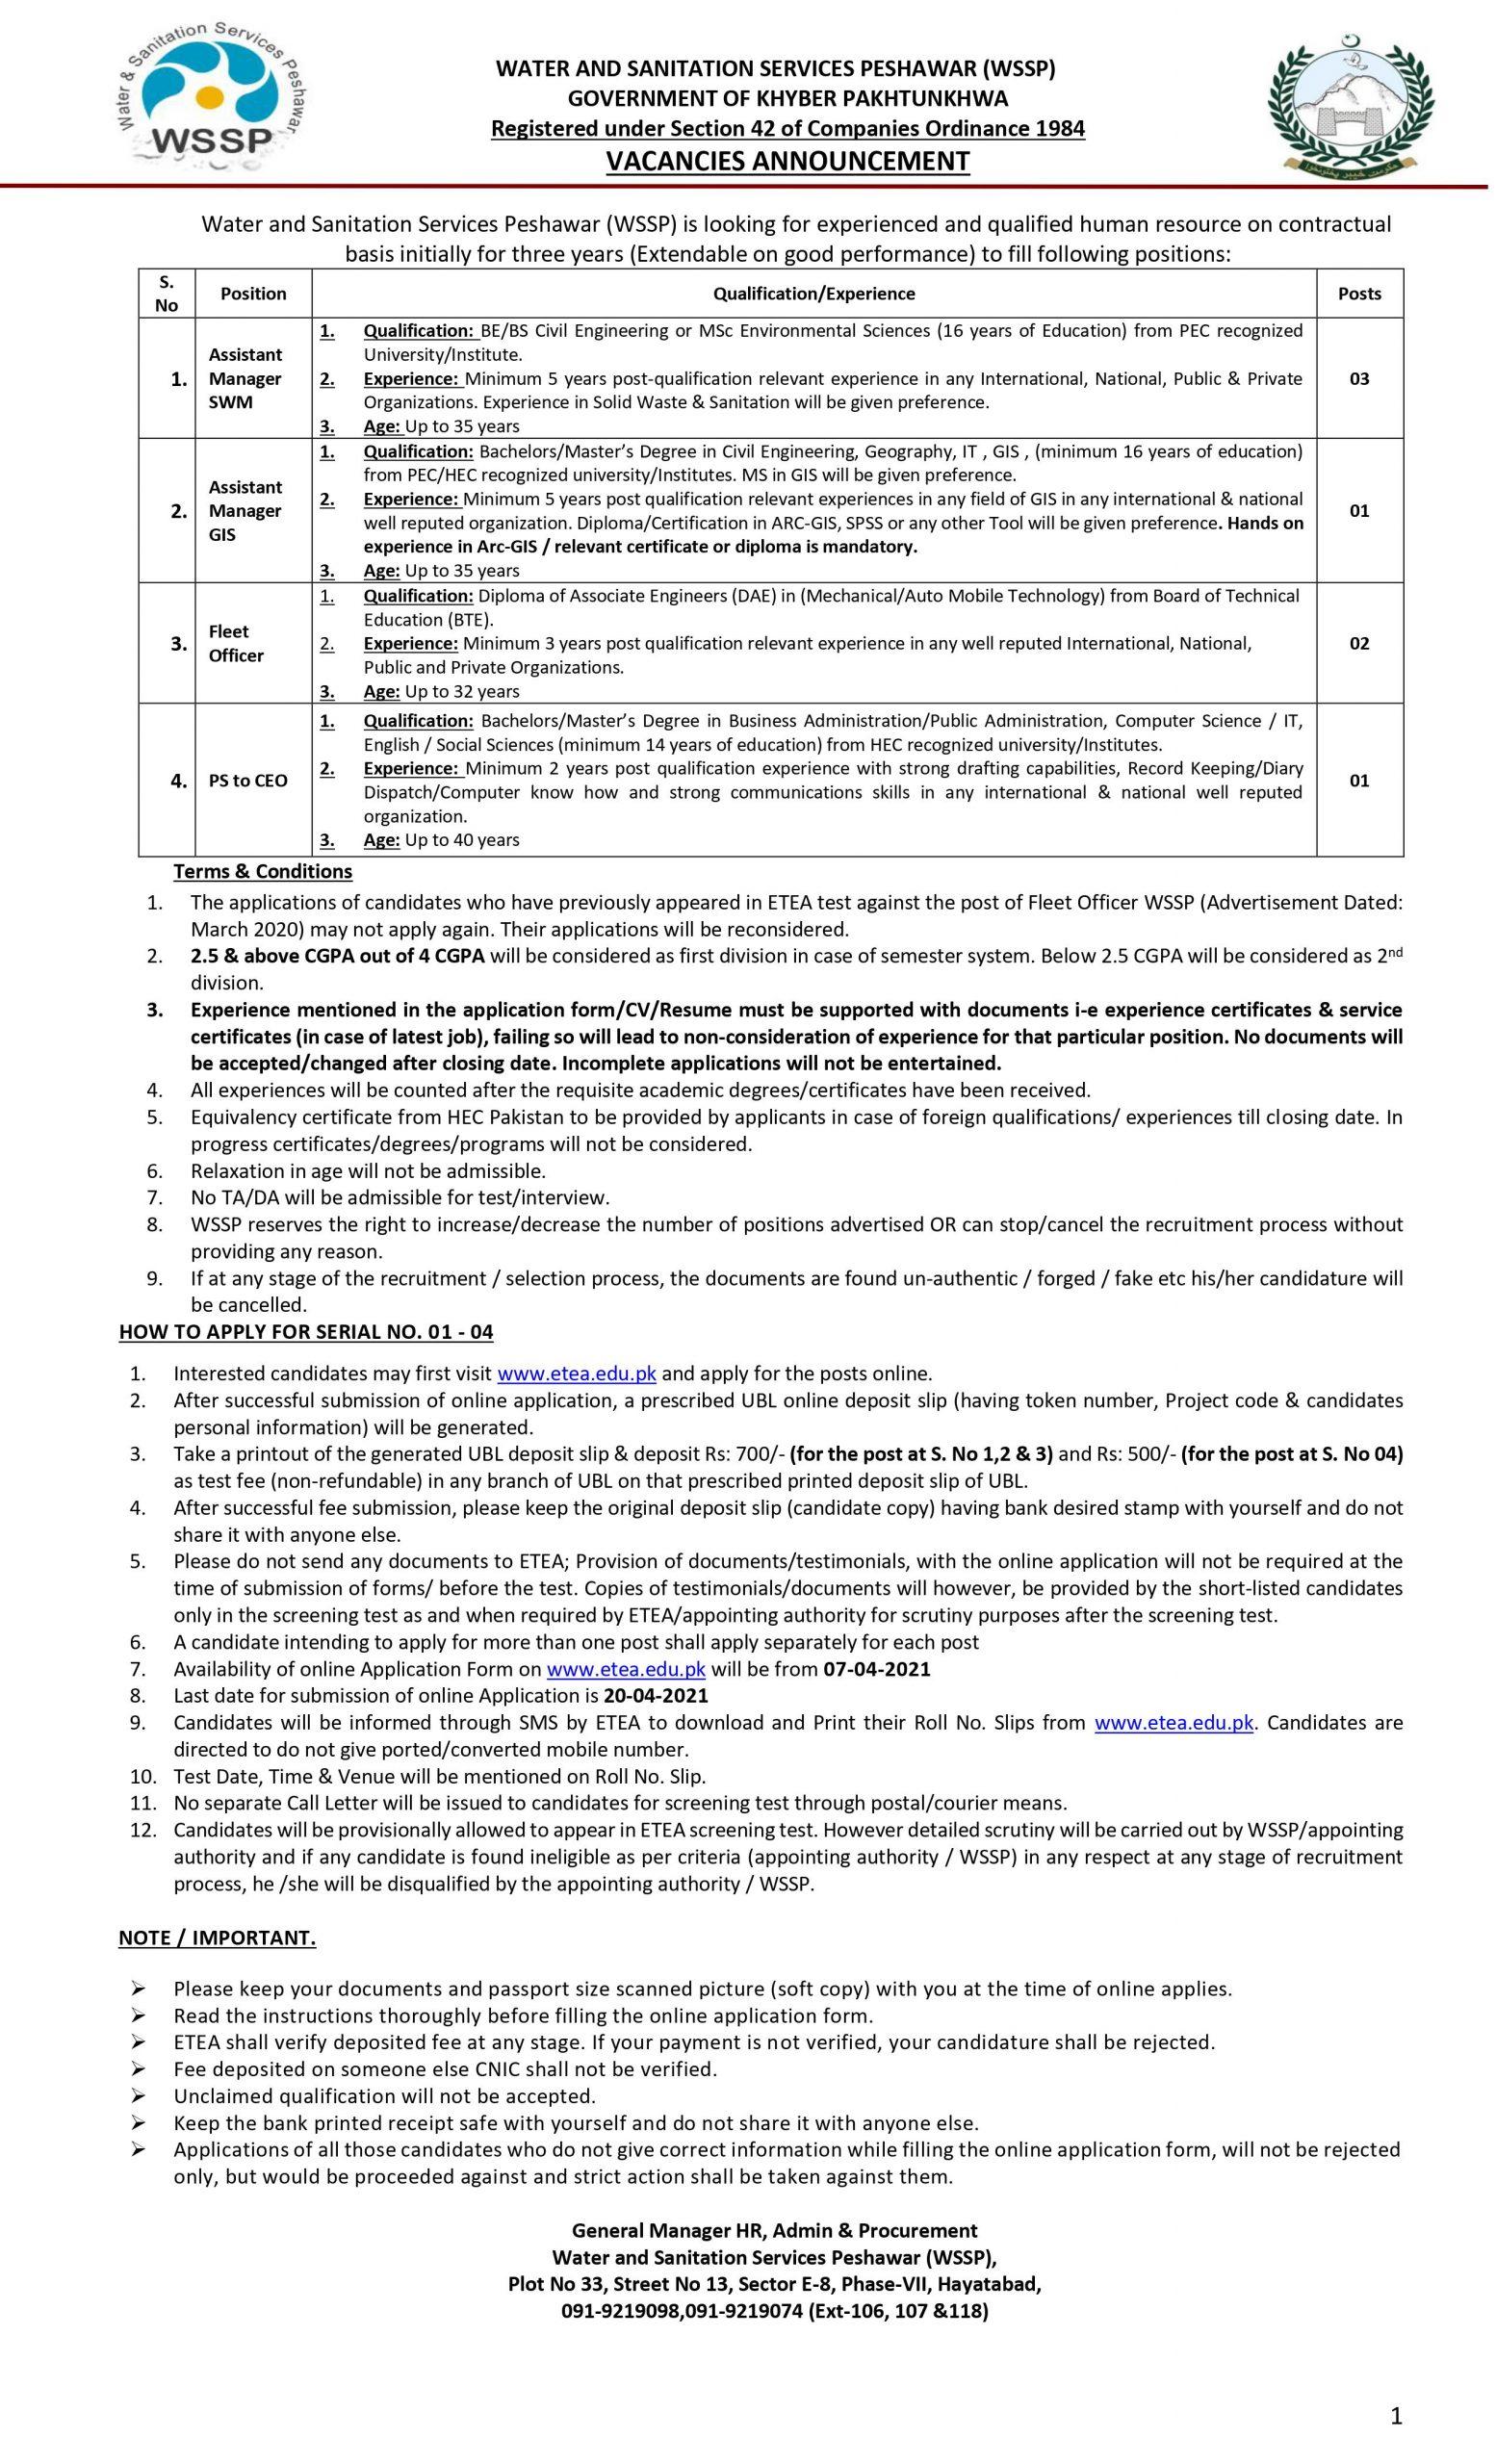 Water Sanitation Services Peshawar WSSP Jobs ETEA Test Roll No Slip